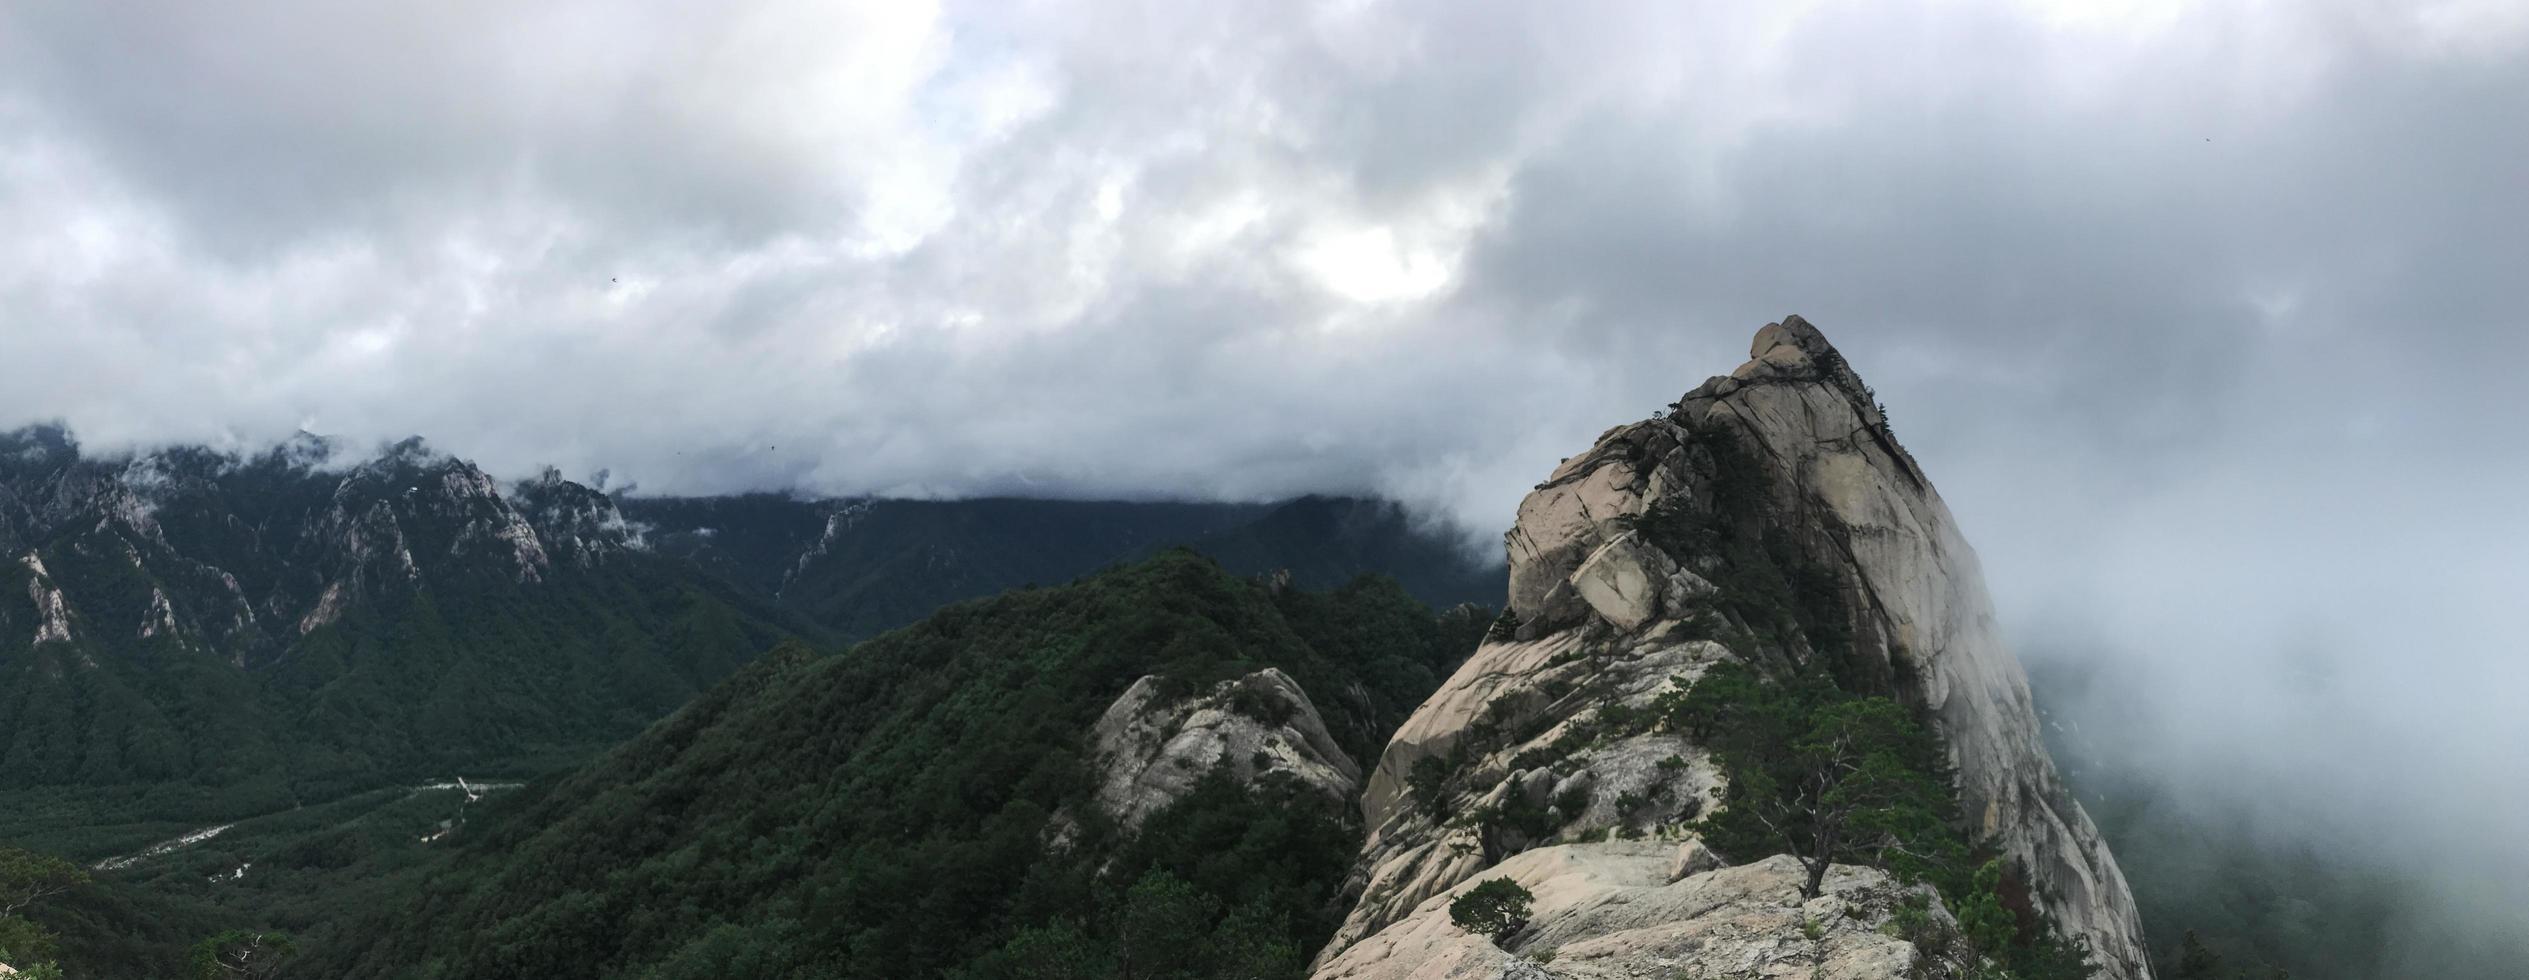 panorama. Gros rochers au parc national de Seoraksan, Corée du Sud photo